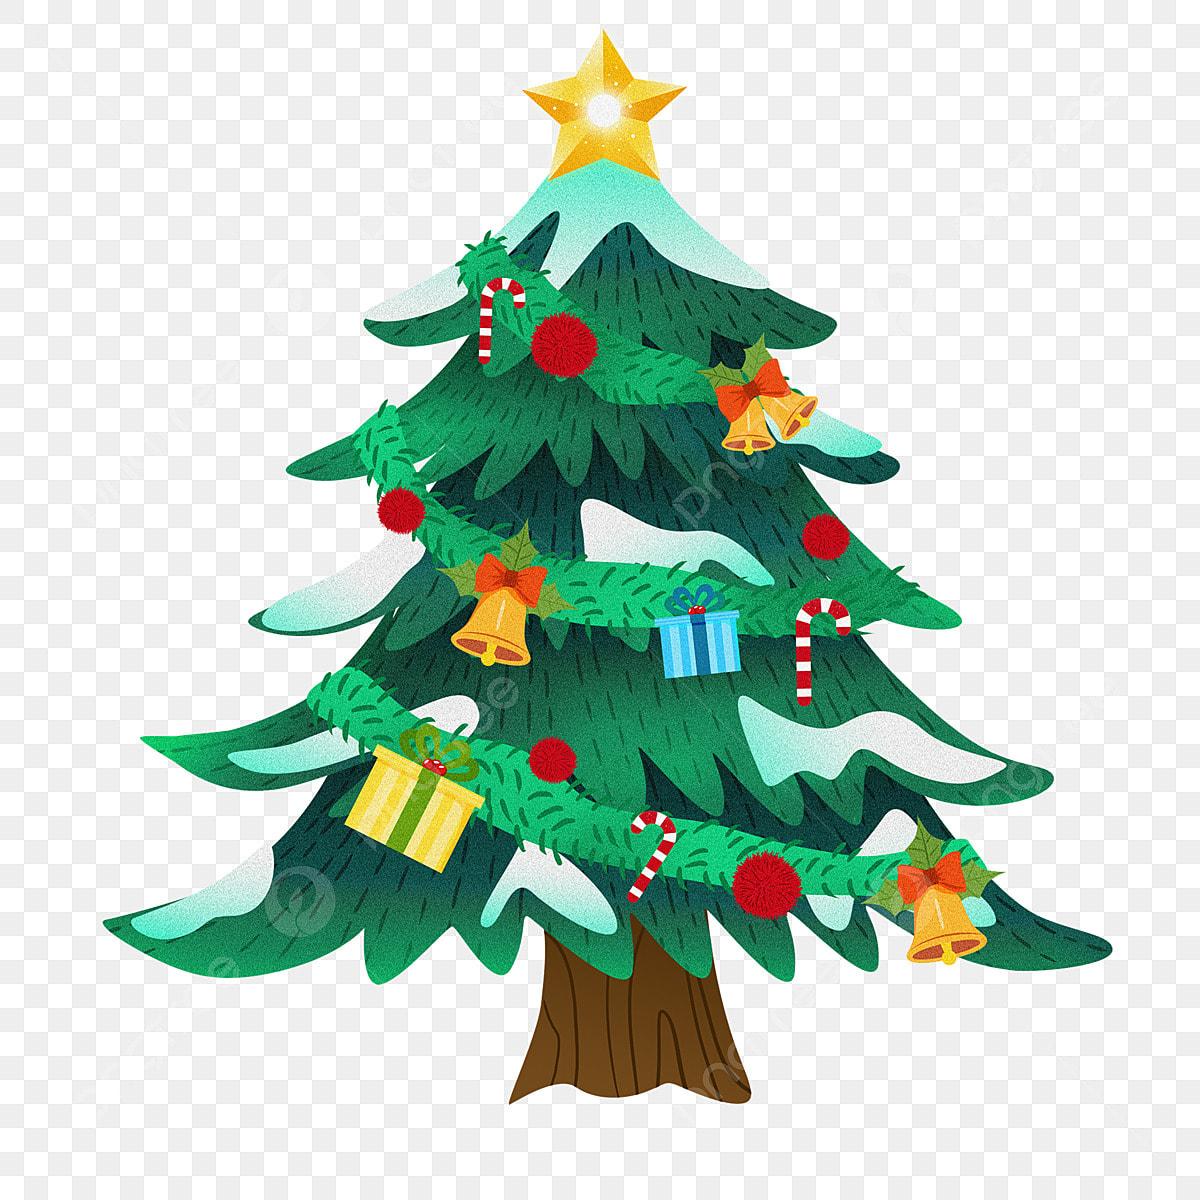 Dibujos De Arboles De Navidad Pintados.Pintado Diseno De Dibujos Animados Elemento Arbol Navidad